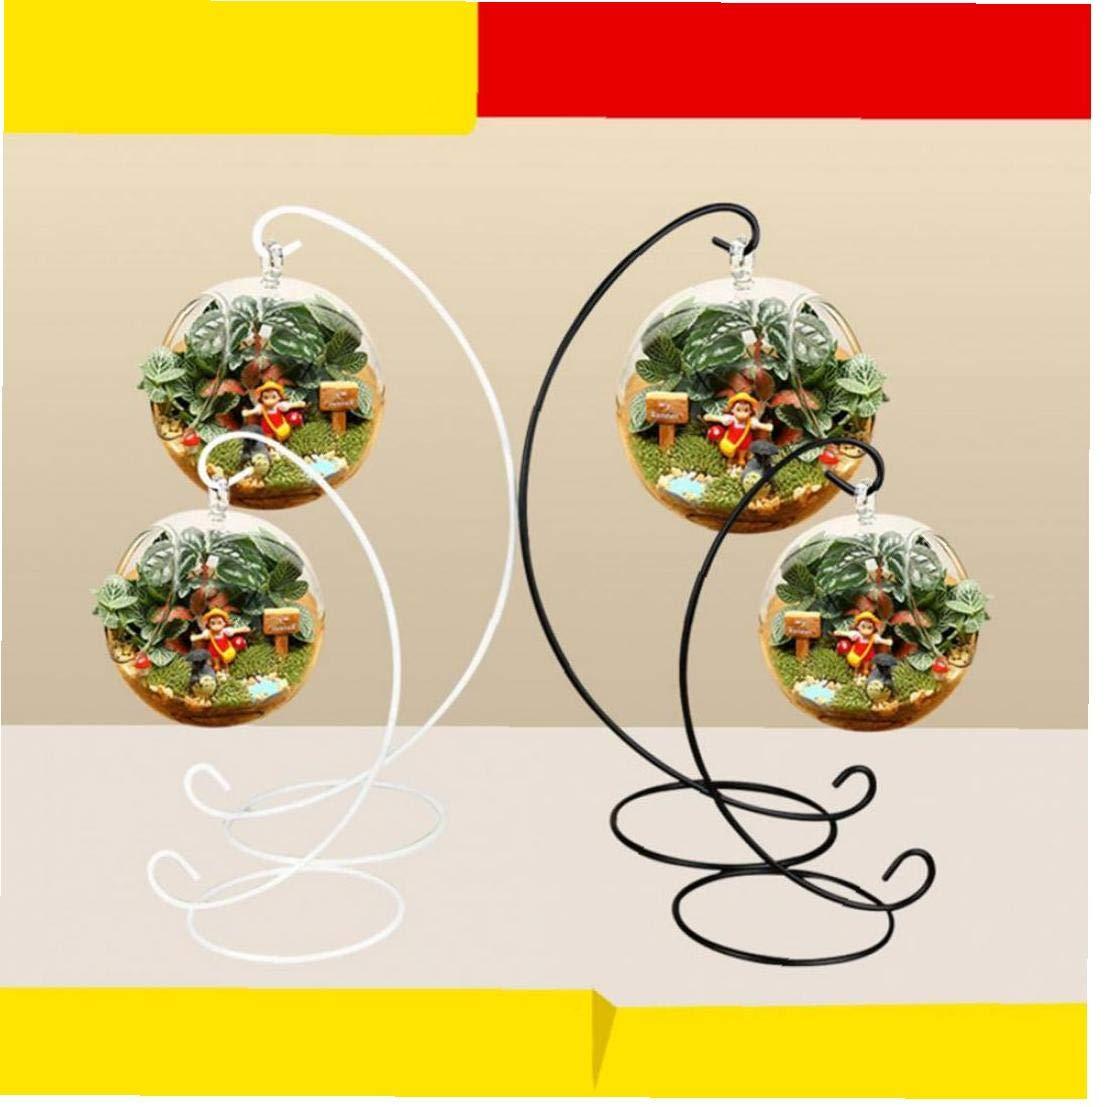 Angoter 1PCS Spirale Display Stand Ferro attaccatura del Supporto di cremagliera per Terrarium pianta di Aria Strega Palla di Vetro Globo di Natale Wedding Decor Colore Casuale